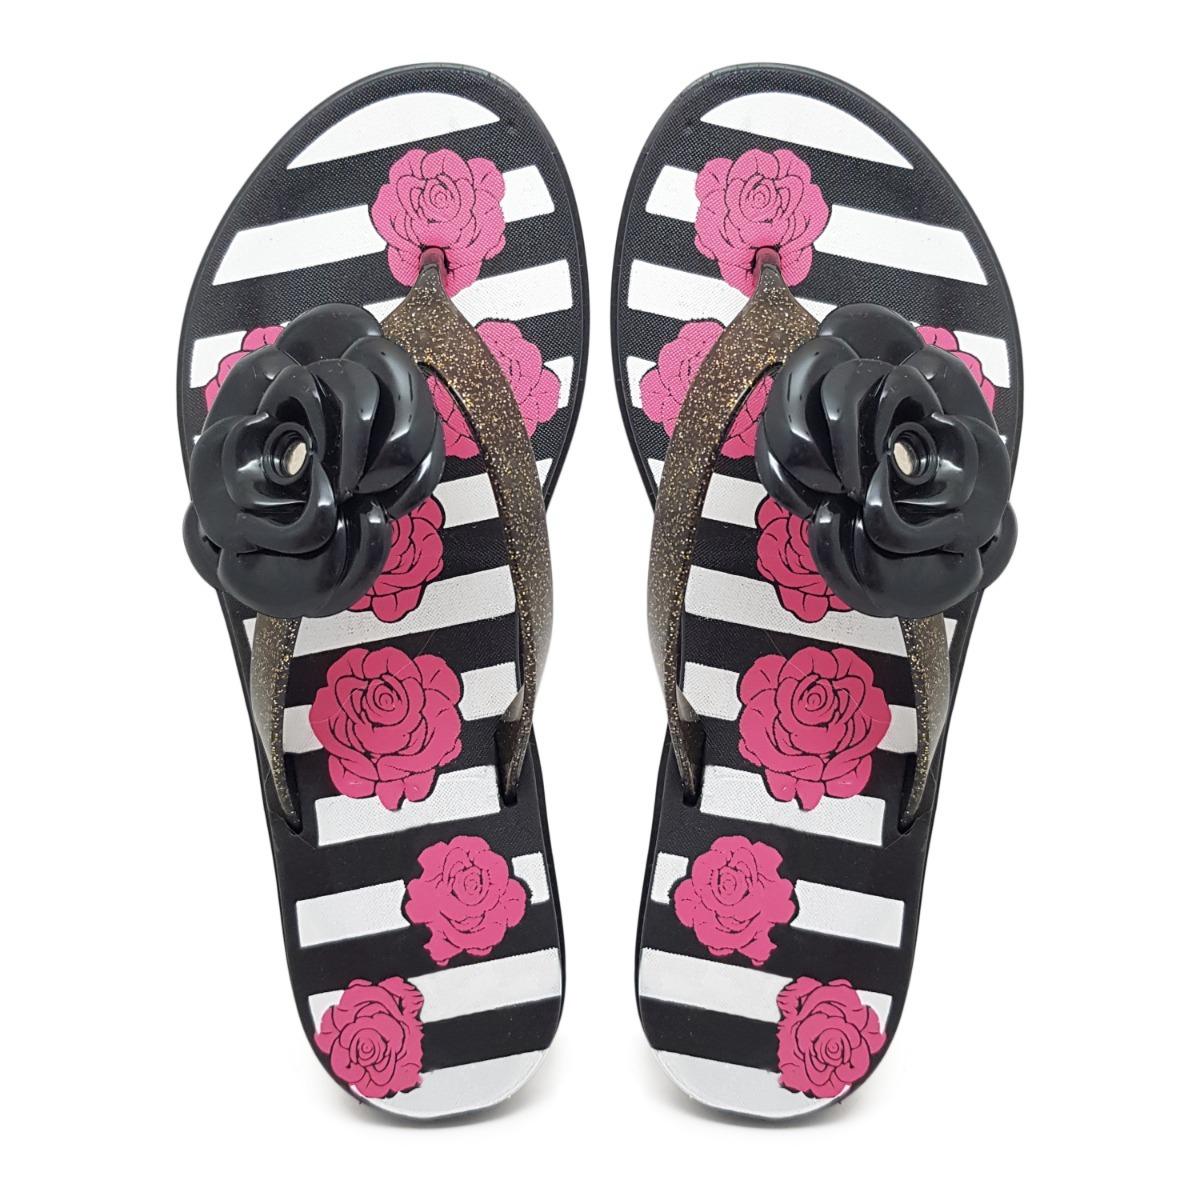 a8f366ab7a kit 10 chinelo sandália estampa laço flor rosa atacado k79. Carregando zoom.